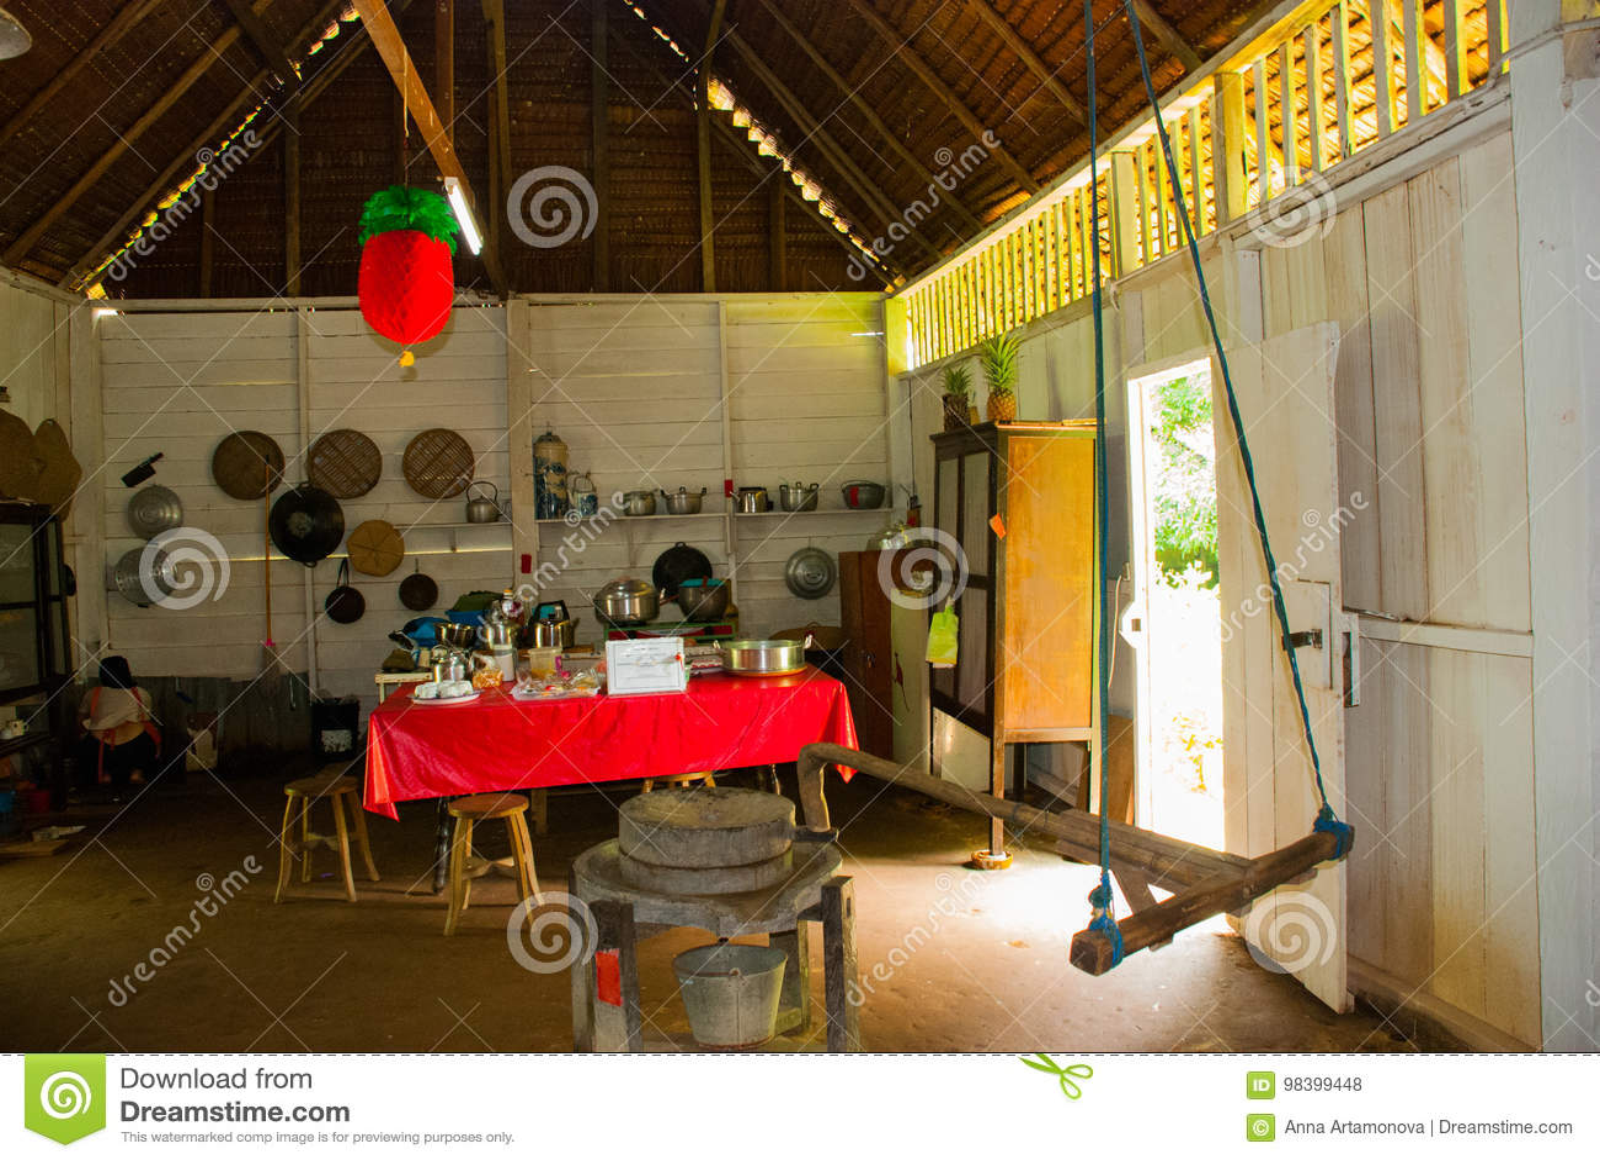 Maison chinoise kuching au village de culture de sarawak la malaisie intérieure poison culturel